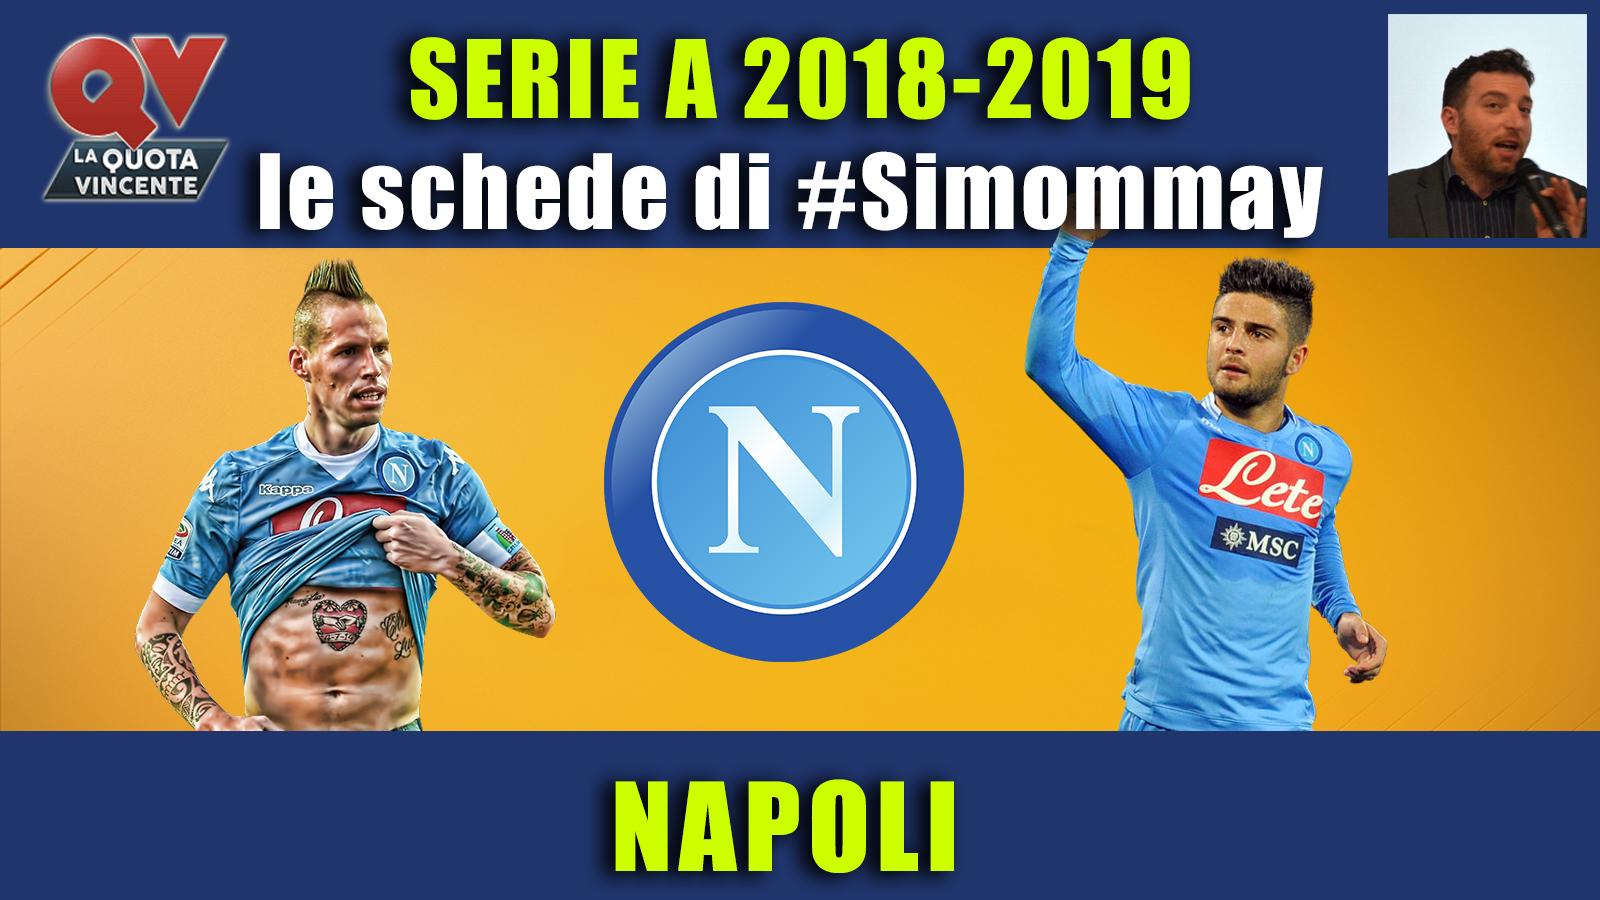 Guida Serie A 2018-2019 NAPOLI: il ciuccio vuole sognare in grande